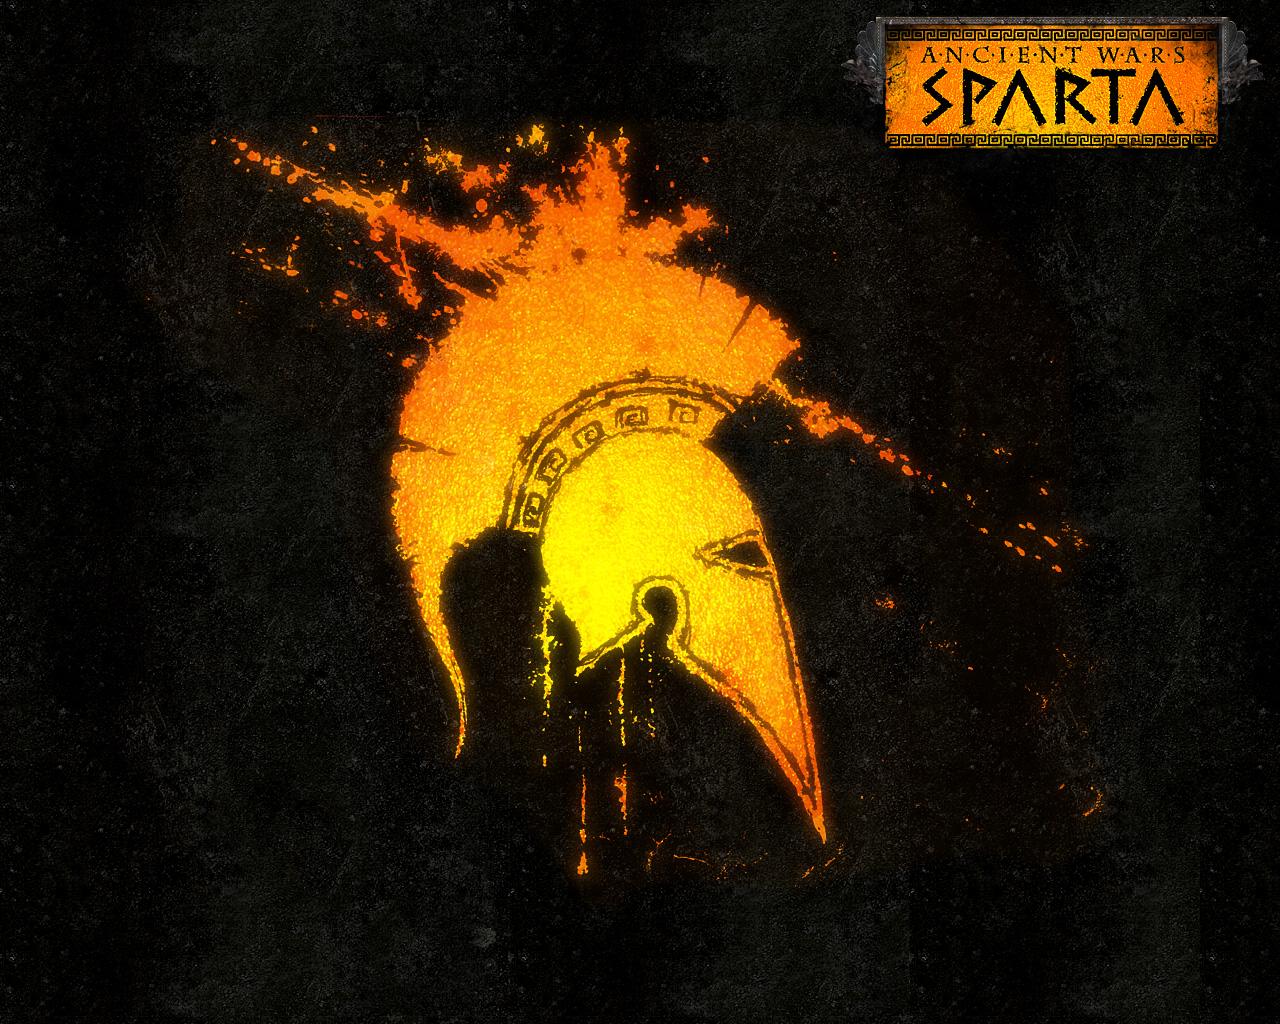 SPARTA Wallpaper, скачать фото, обои для рабочего стола, Спарта